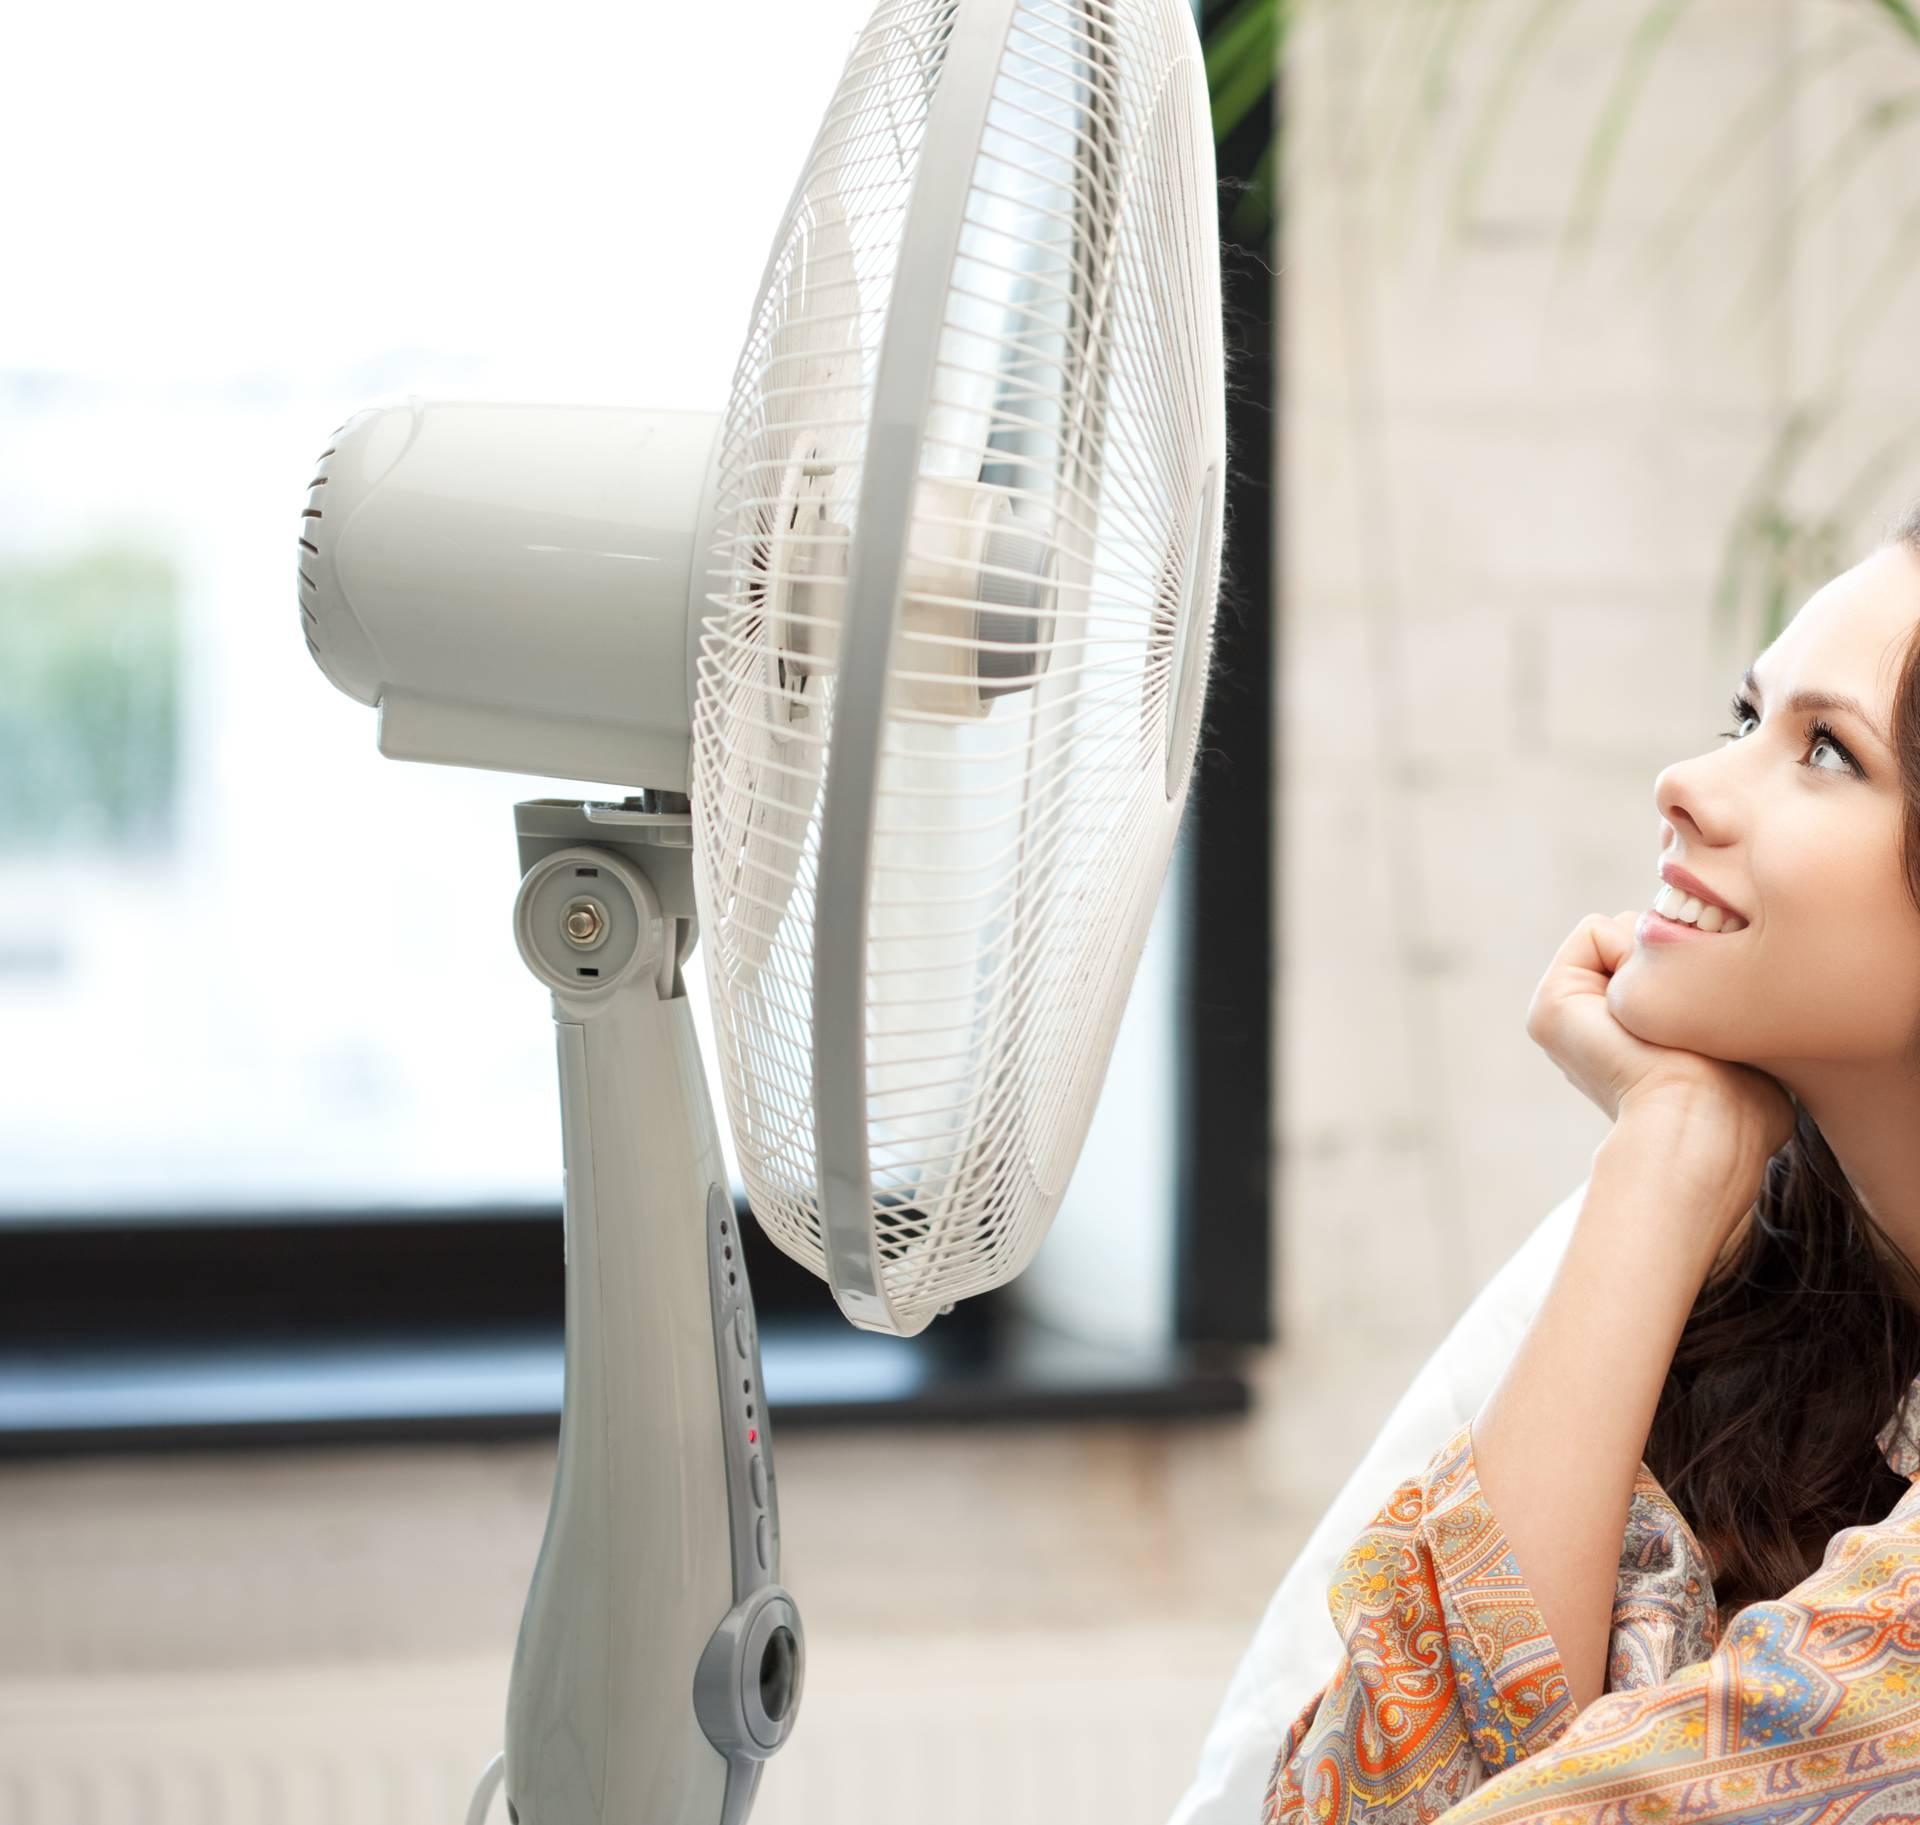 Pretvorite ventilator u klimu - rashladit ćete kuću jako brzo